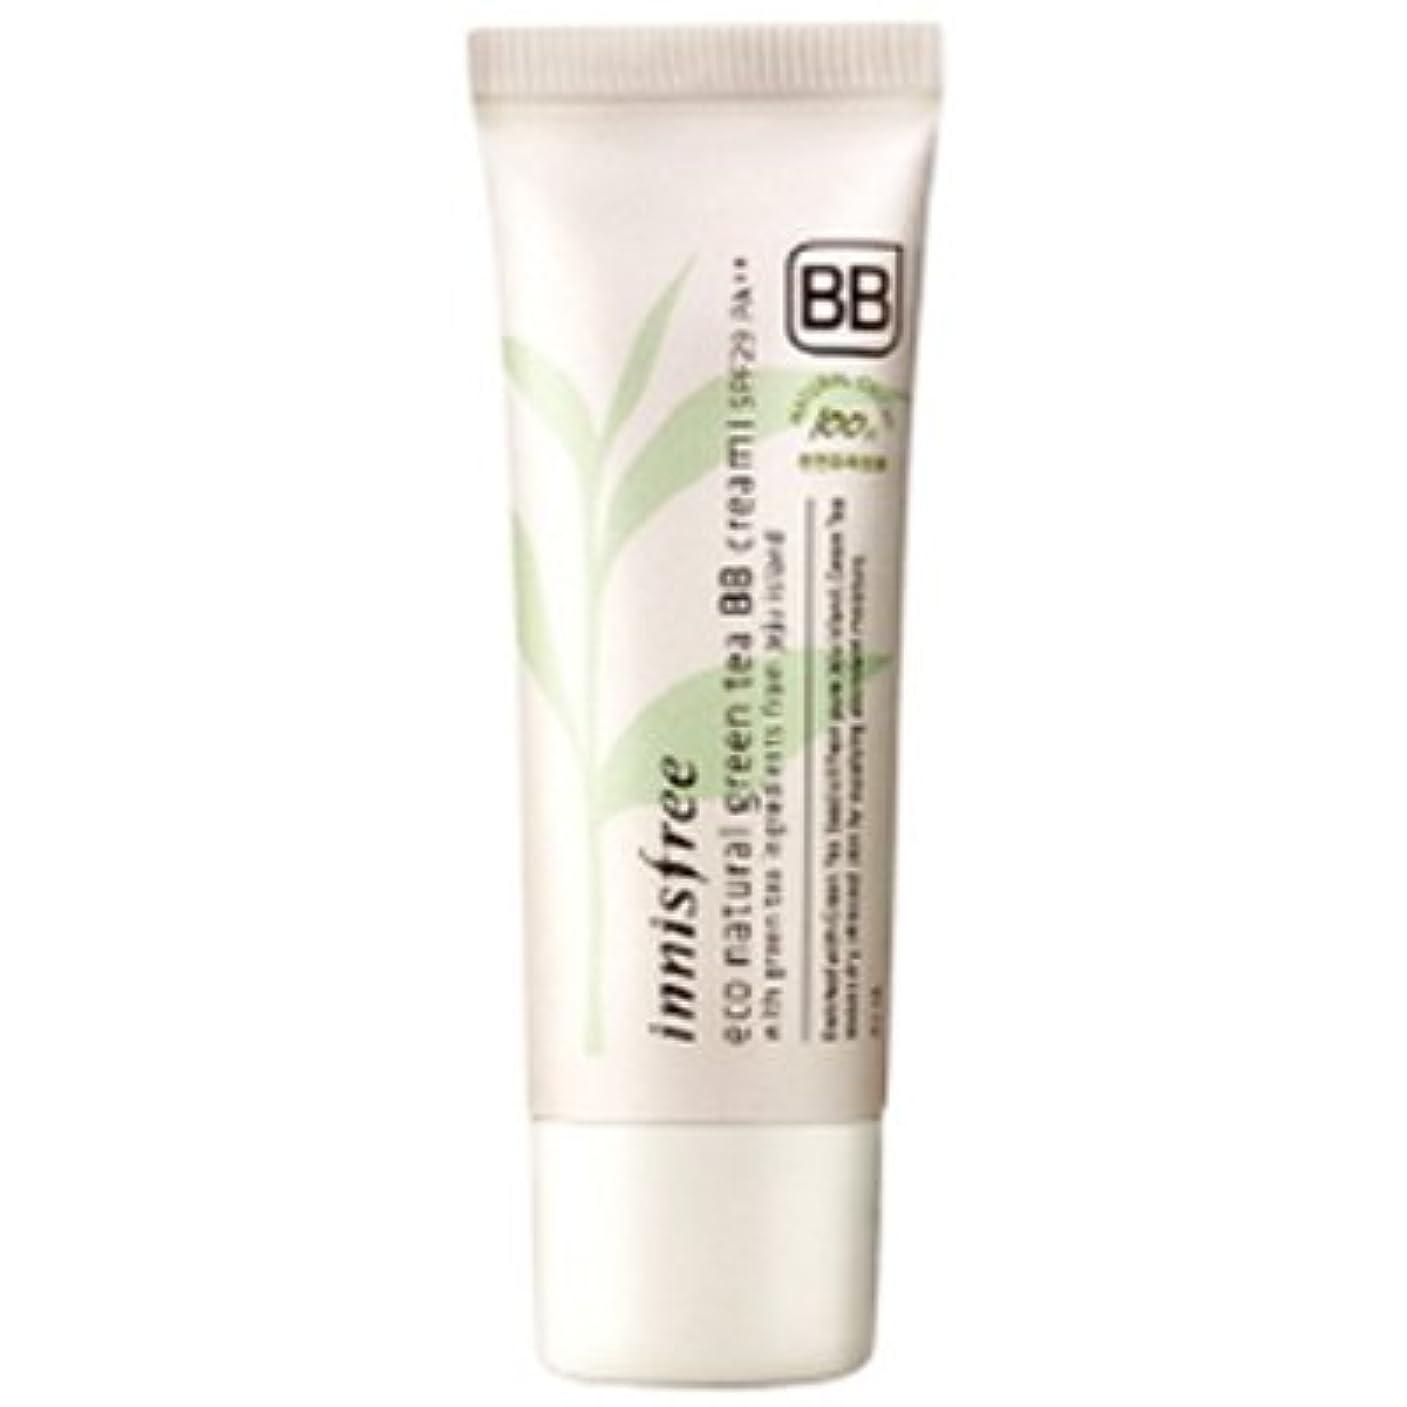 スカープパース精査innisfree(イニスフリー) Eco natural green tea BB cream エコ ナチュラル グリーン ティー BB クリーム SPF29/PA++ 40ml #1:ライトベージュ